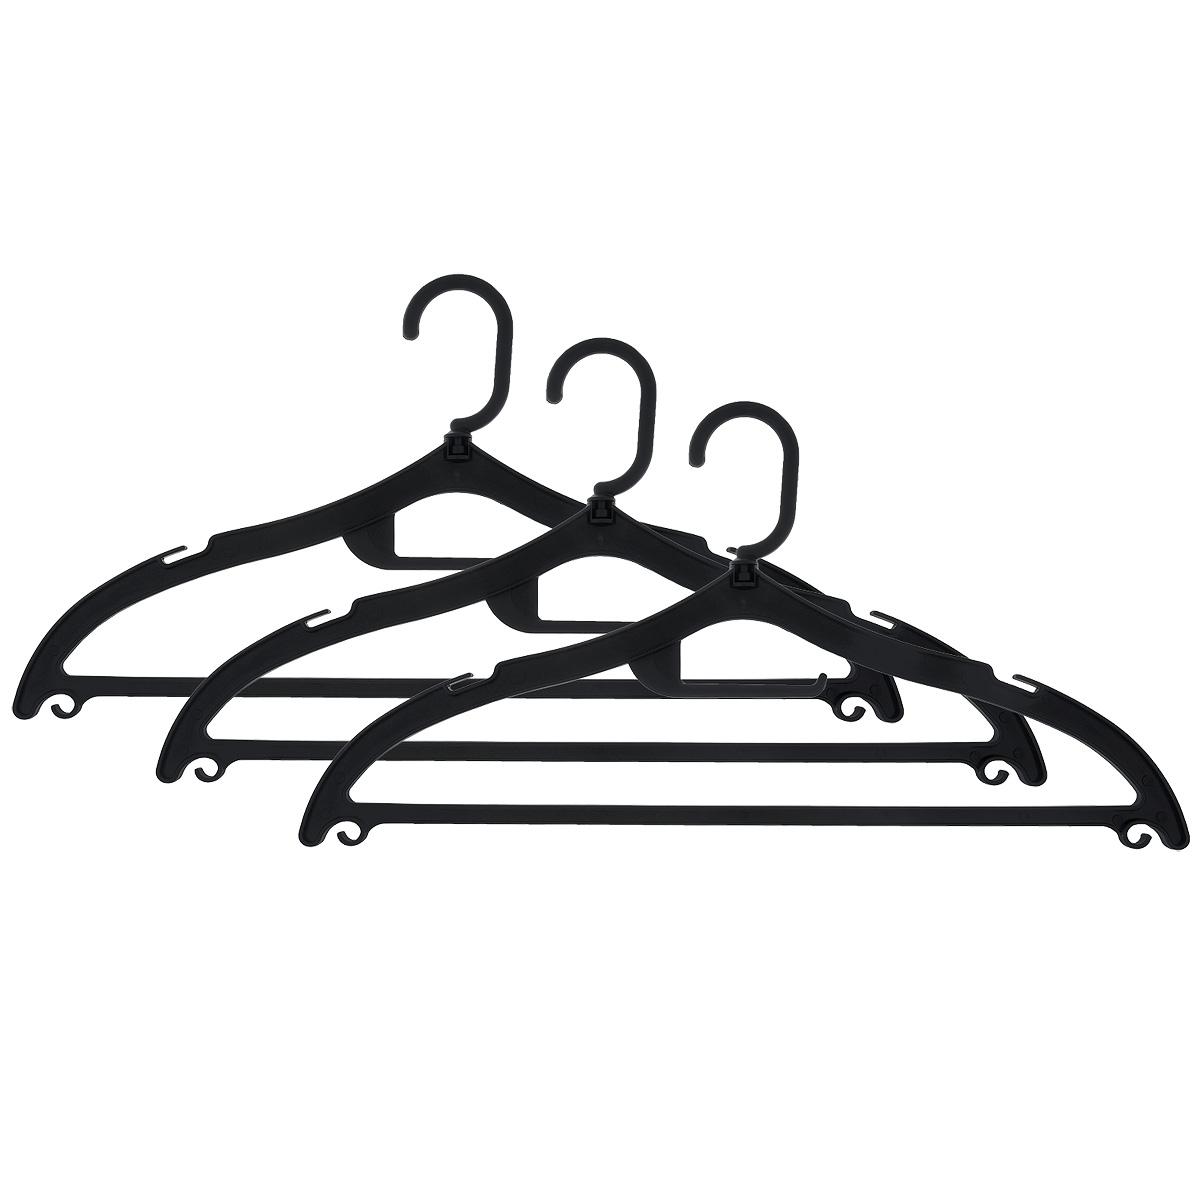 Набор вешалок Полимербыт, с перекладиной, с крючками, цвет: черный, размер 48-50, 3 шт. С322С322Набор Полимербыт, выполненный из прочного пластика, состоит из 3 вешалок. Каждое изделие оснащено перекладиной, боковыми крючками, крючком для галстуков, а также выемками для петелек одежды. Вешалка - это незаменимая вещь для того, чтобы ваша одежда всегда оставалась в хорошем состоянии. Комплектация: 3 шт. Размер одежды: 48-50.